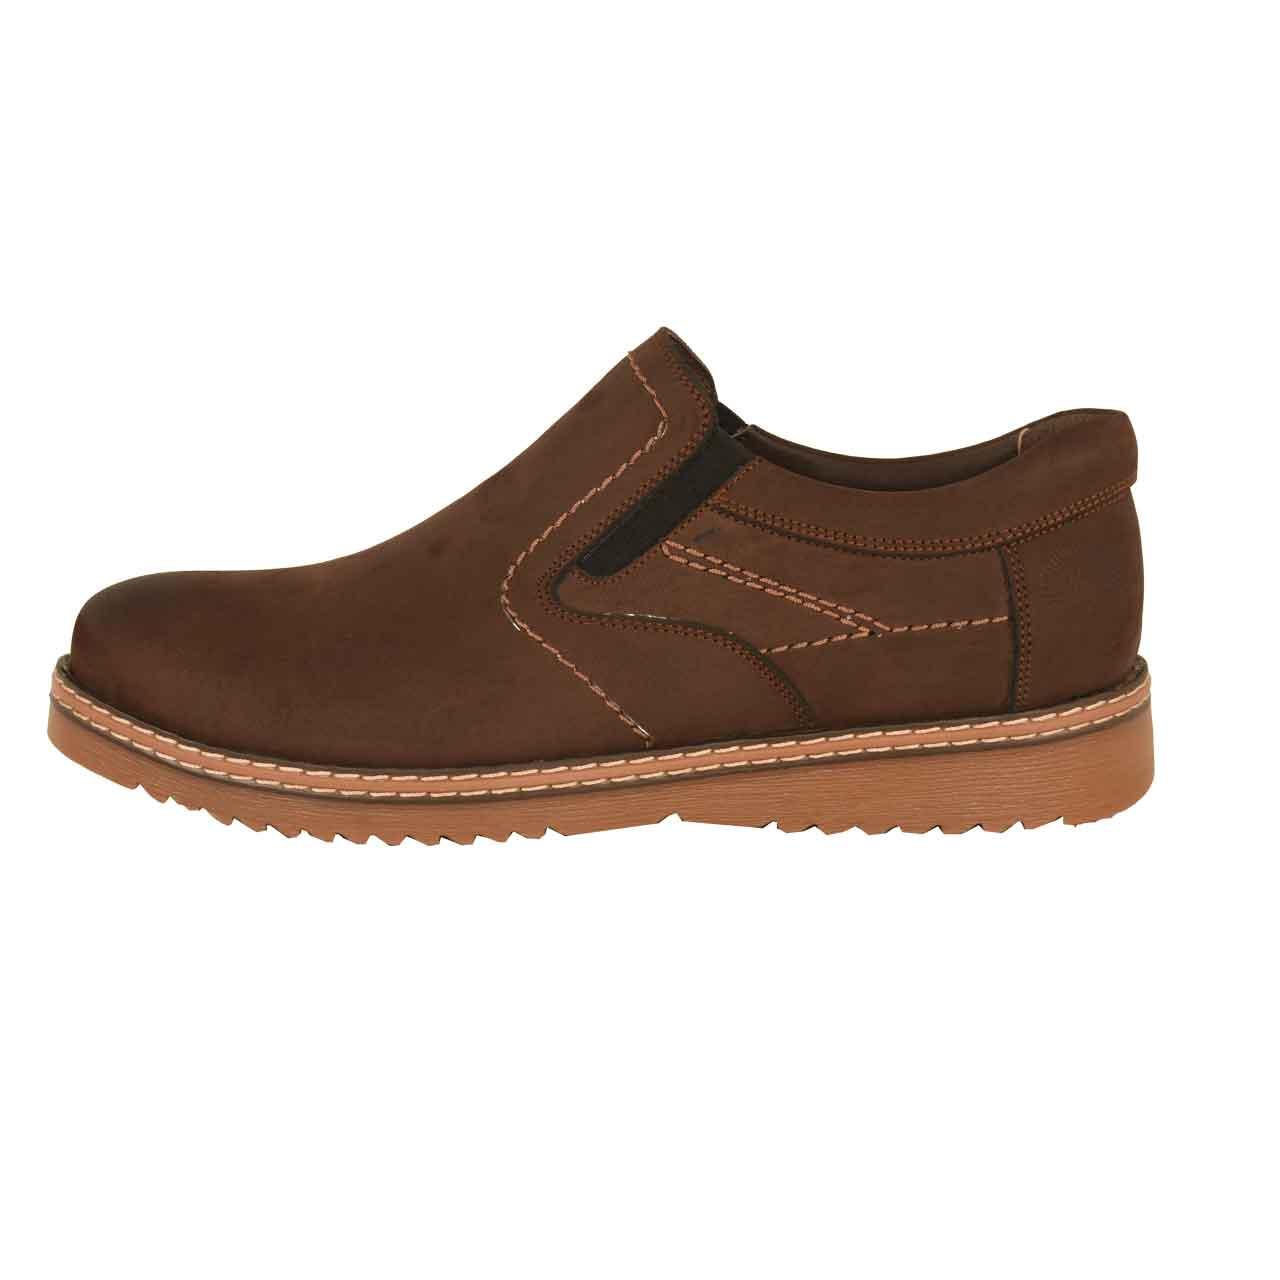 کفش مردانه پارینه مدل SHO153-7